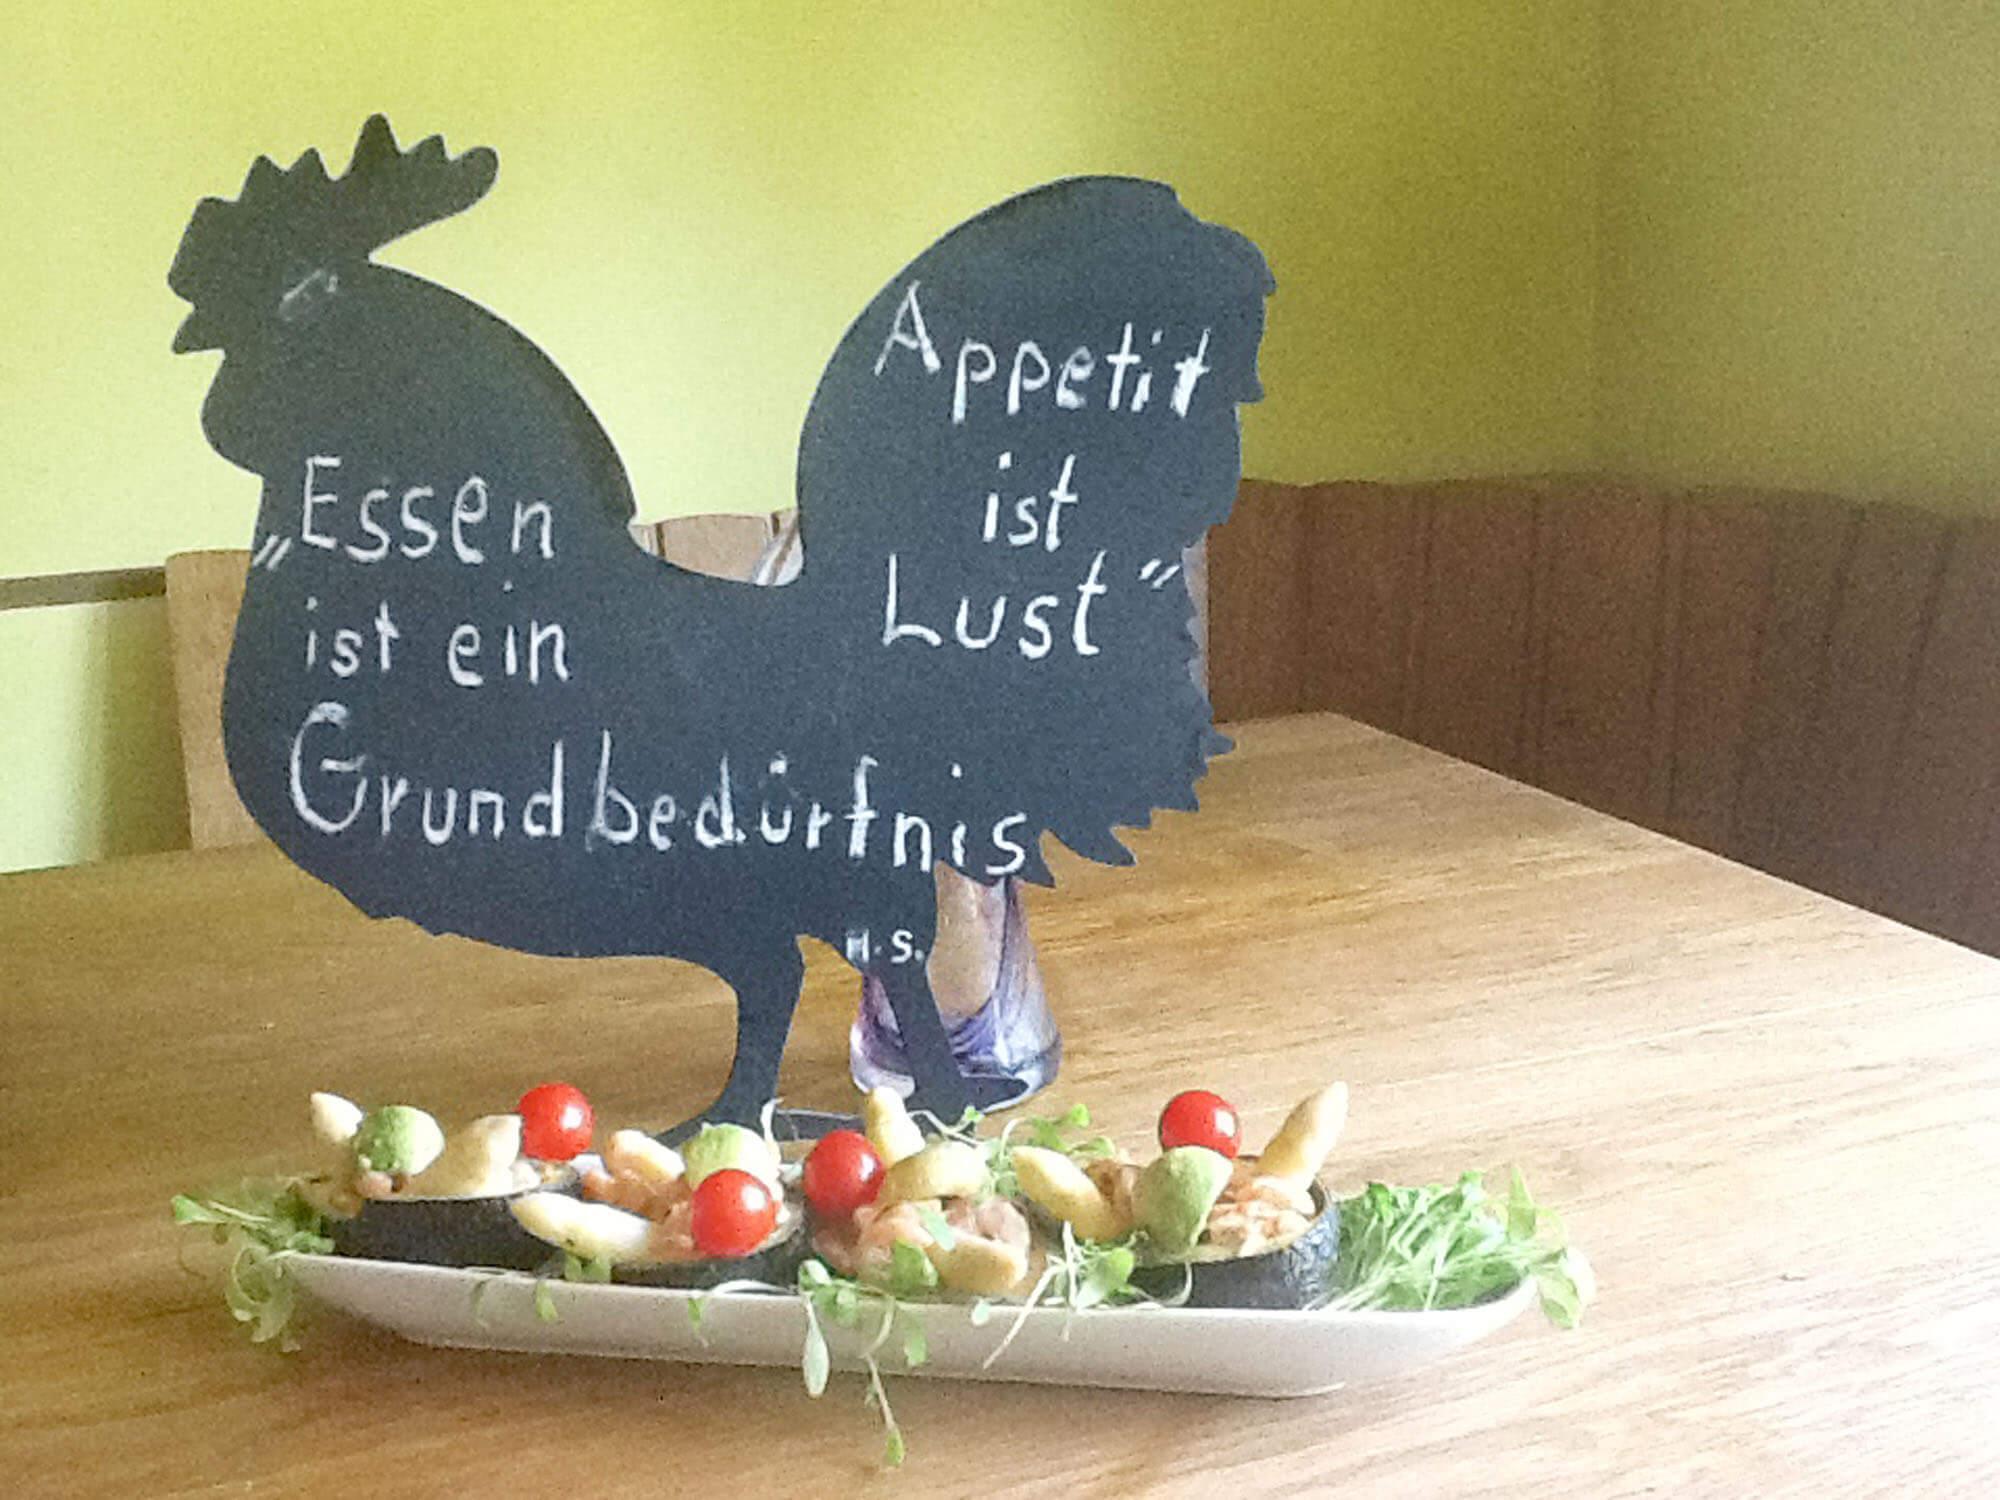 28 Kulturbuntes BOdenheim, Thea Haub #tagdernachbarn